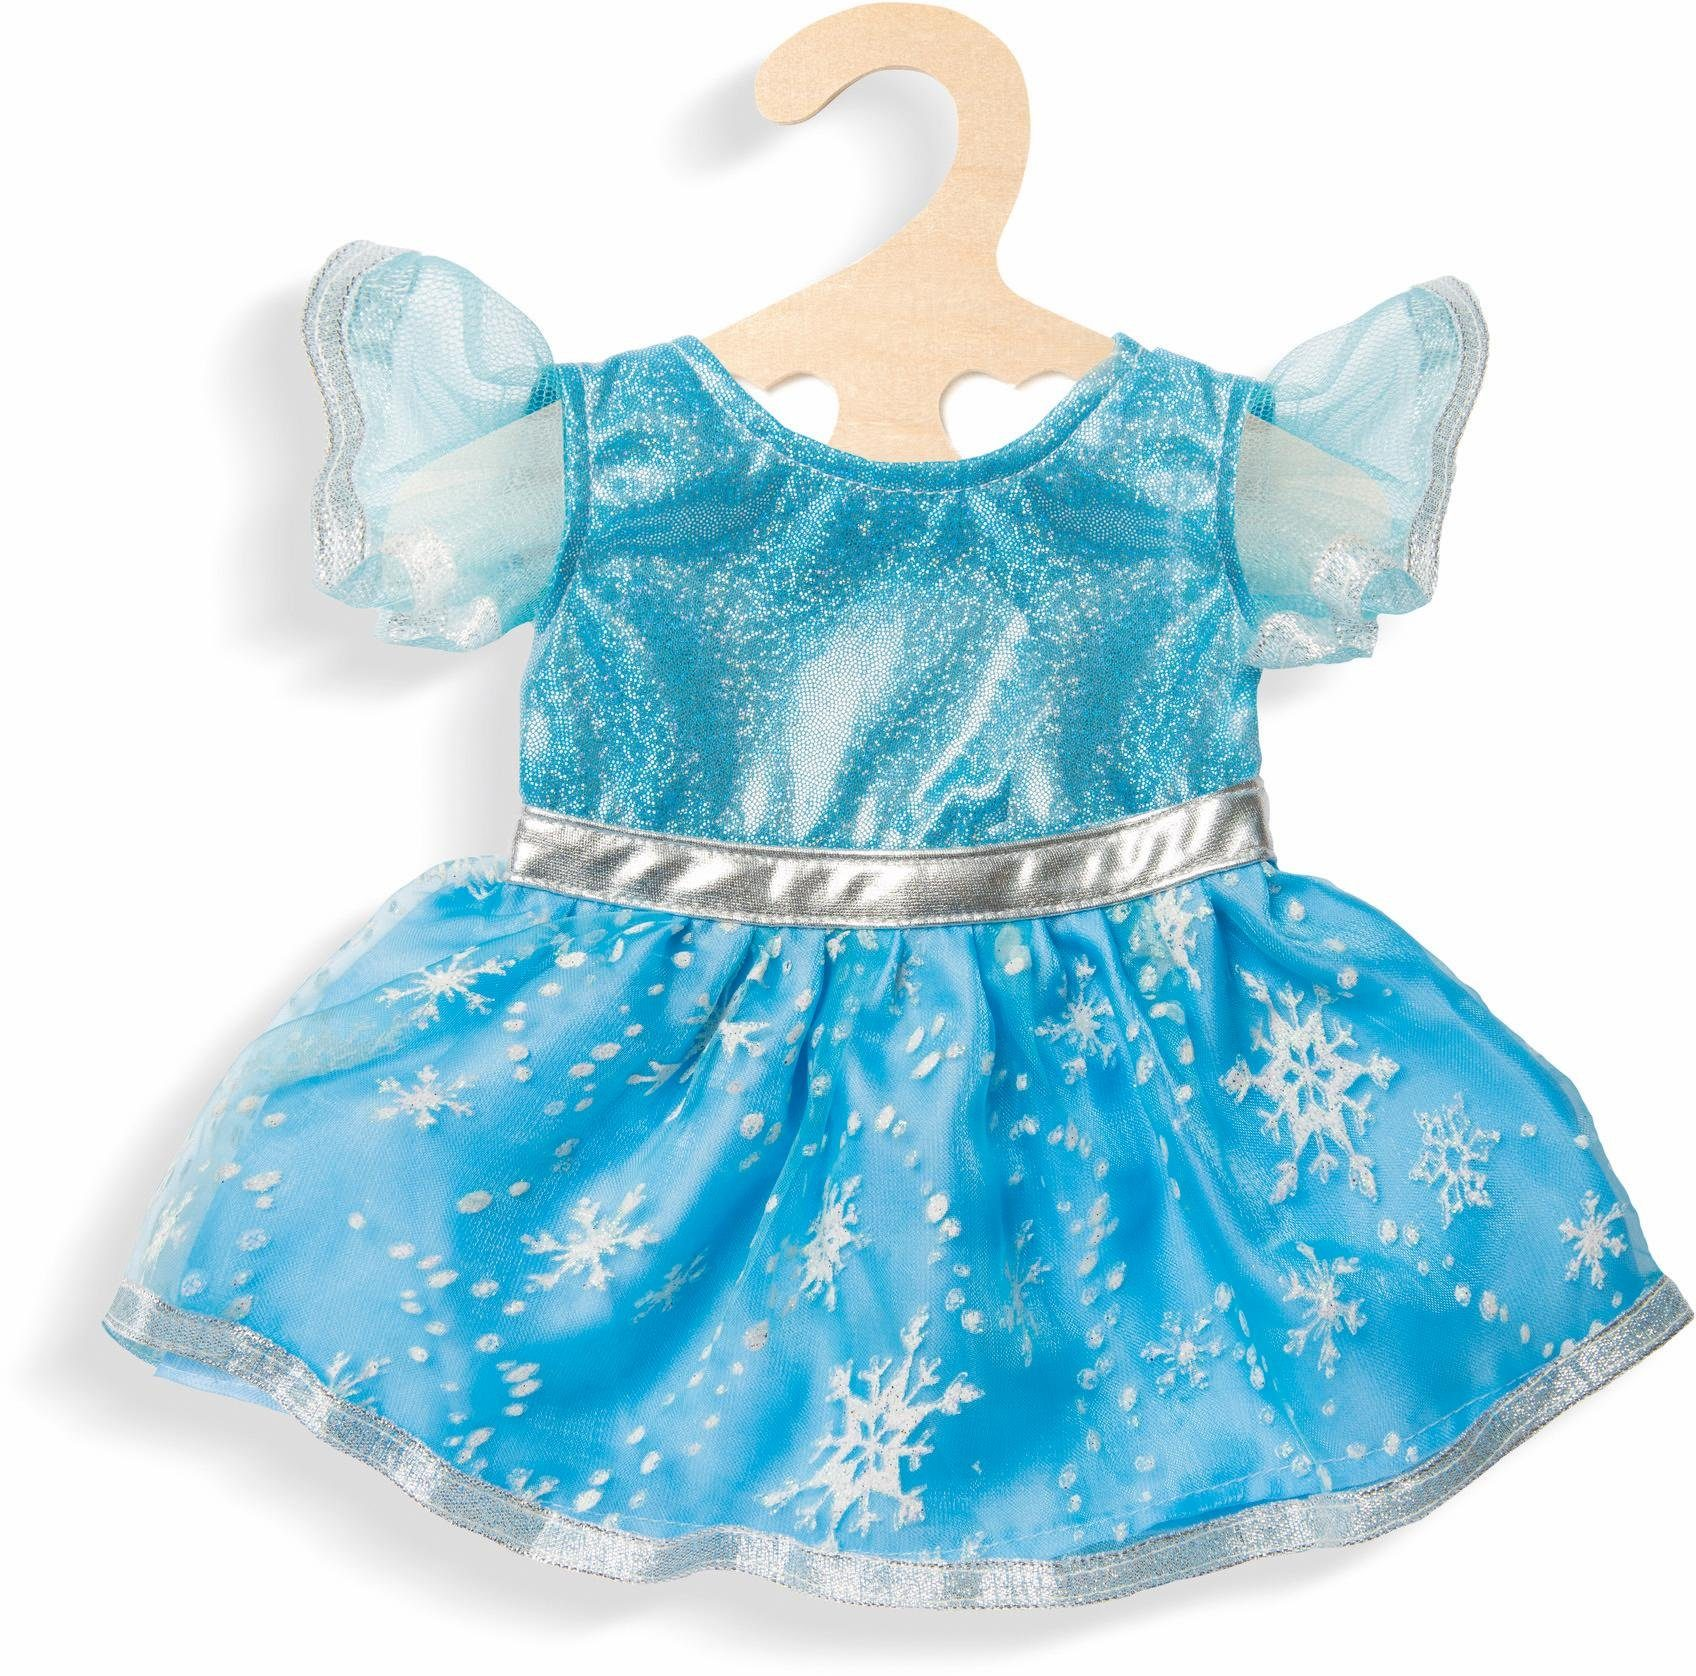 Heless »Eisprinzessin, Gr. 28 35 cm« Puppenkleidung online kaufen   OTTO